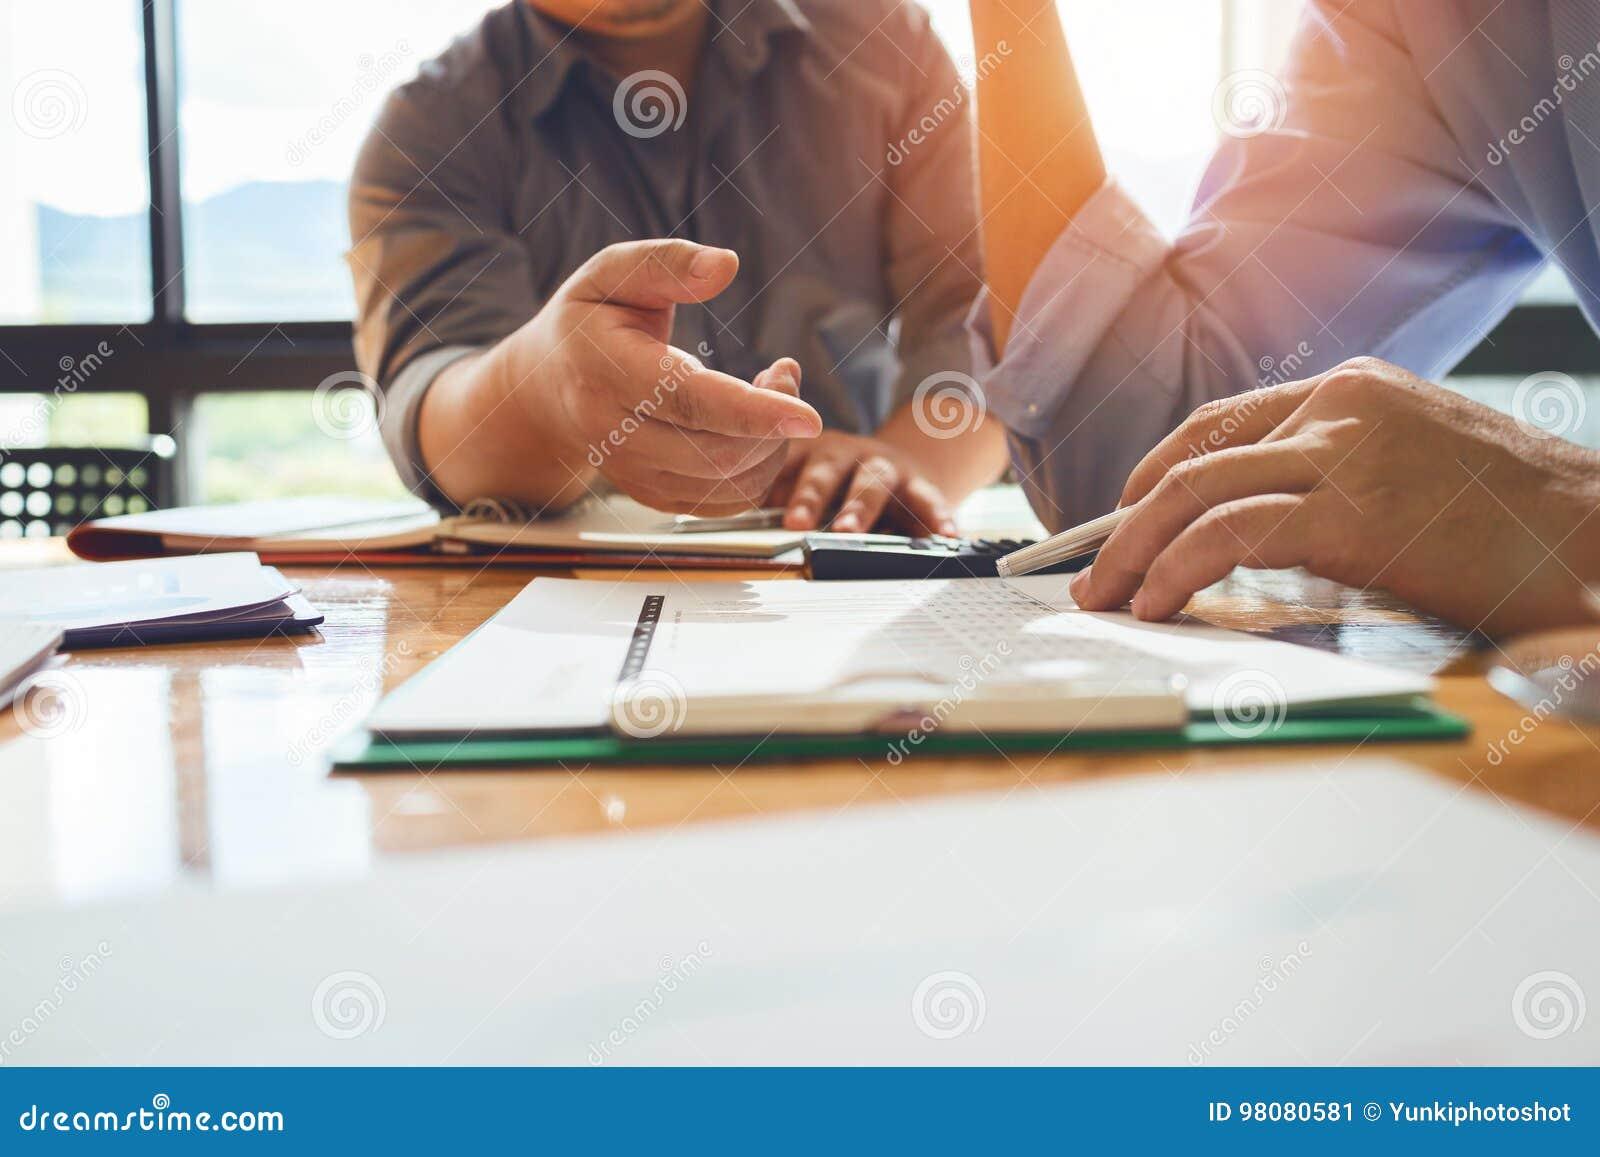 Geschäftskollegen treffen sich, um ihre Aufgaben zu bestimmen, um zu summieren